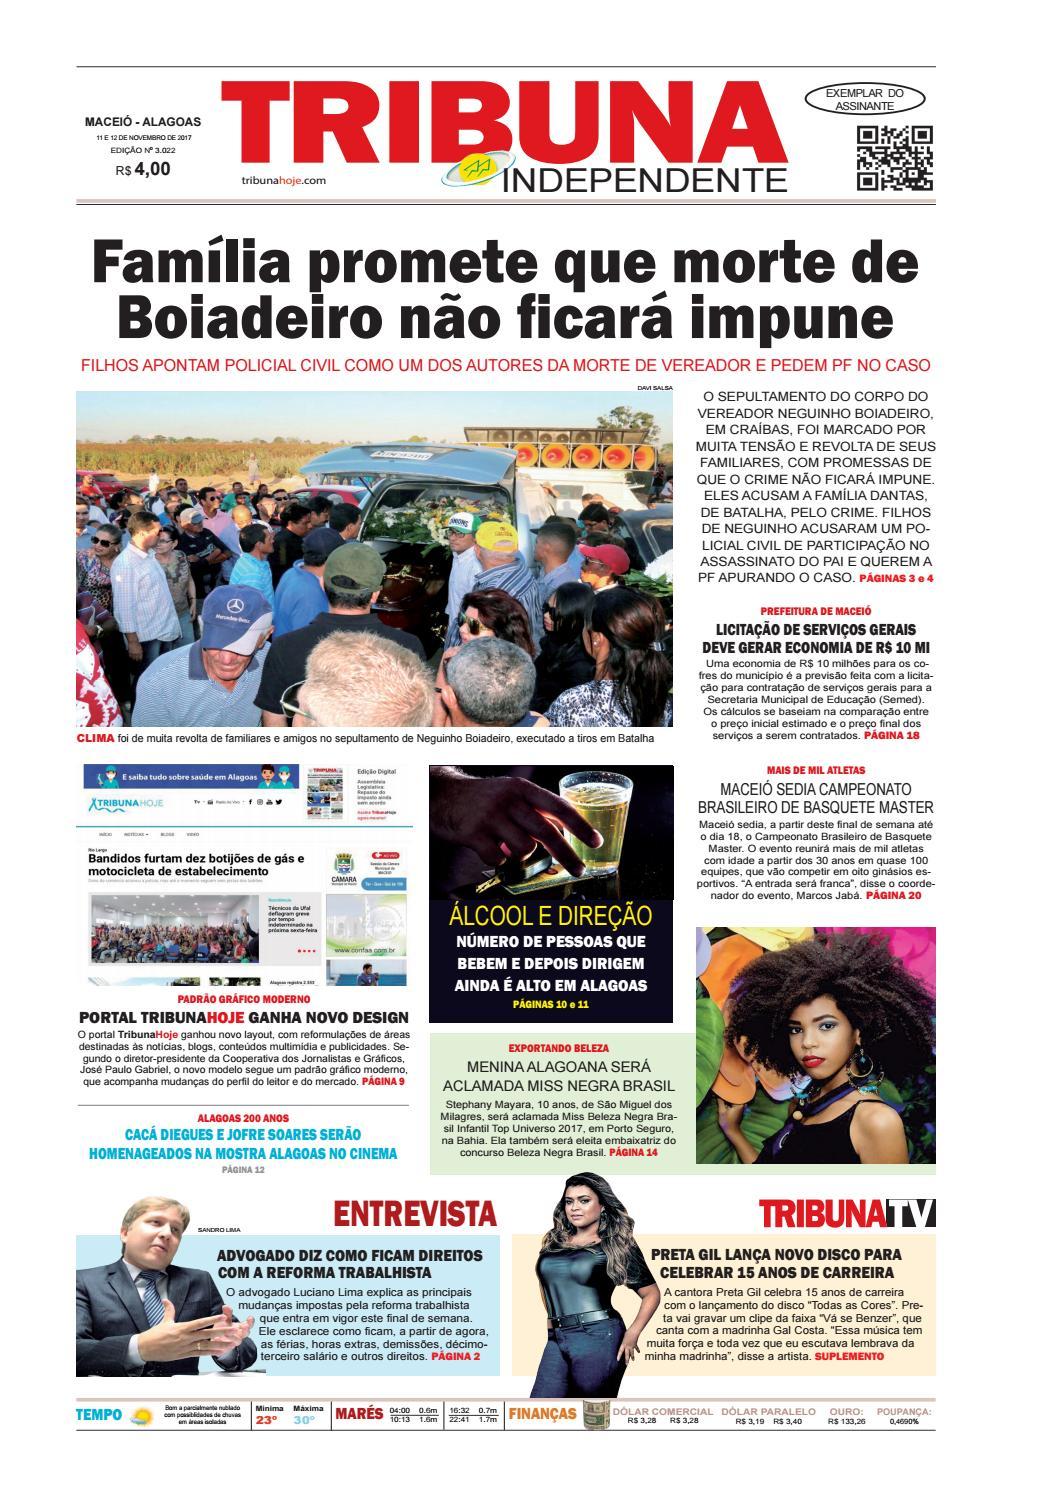 Edição número 3022 - 11 e 12 de novembro de 2017 by Tribuna Hoje - issuu 73c10faf5d